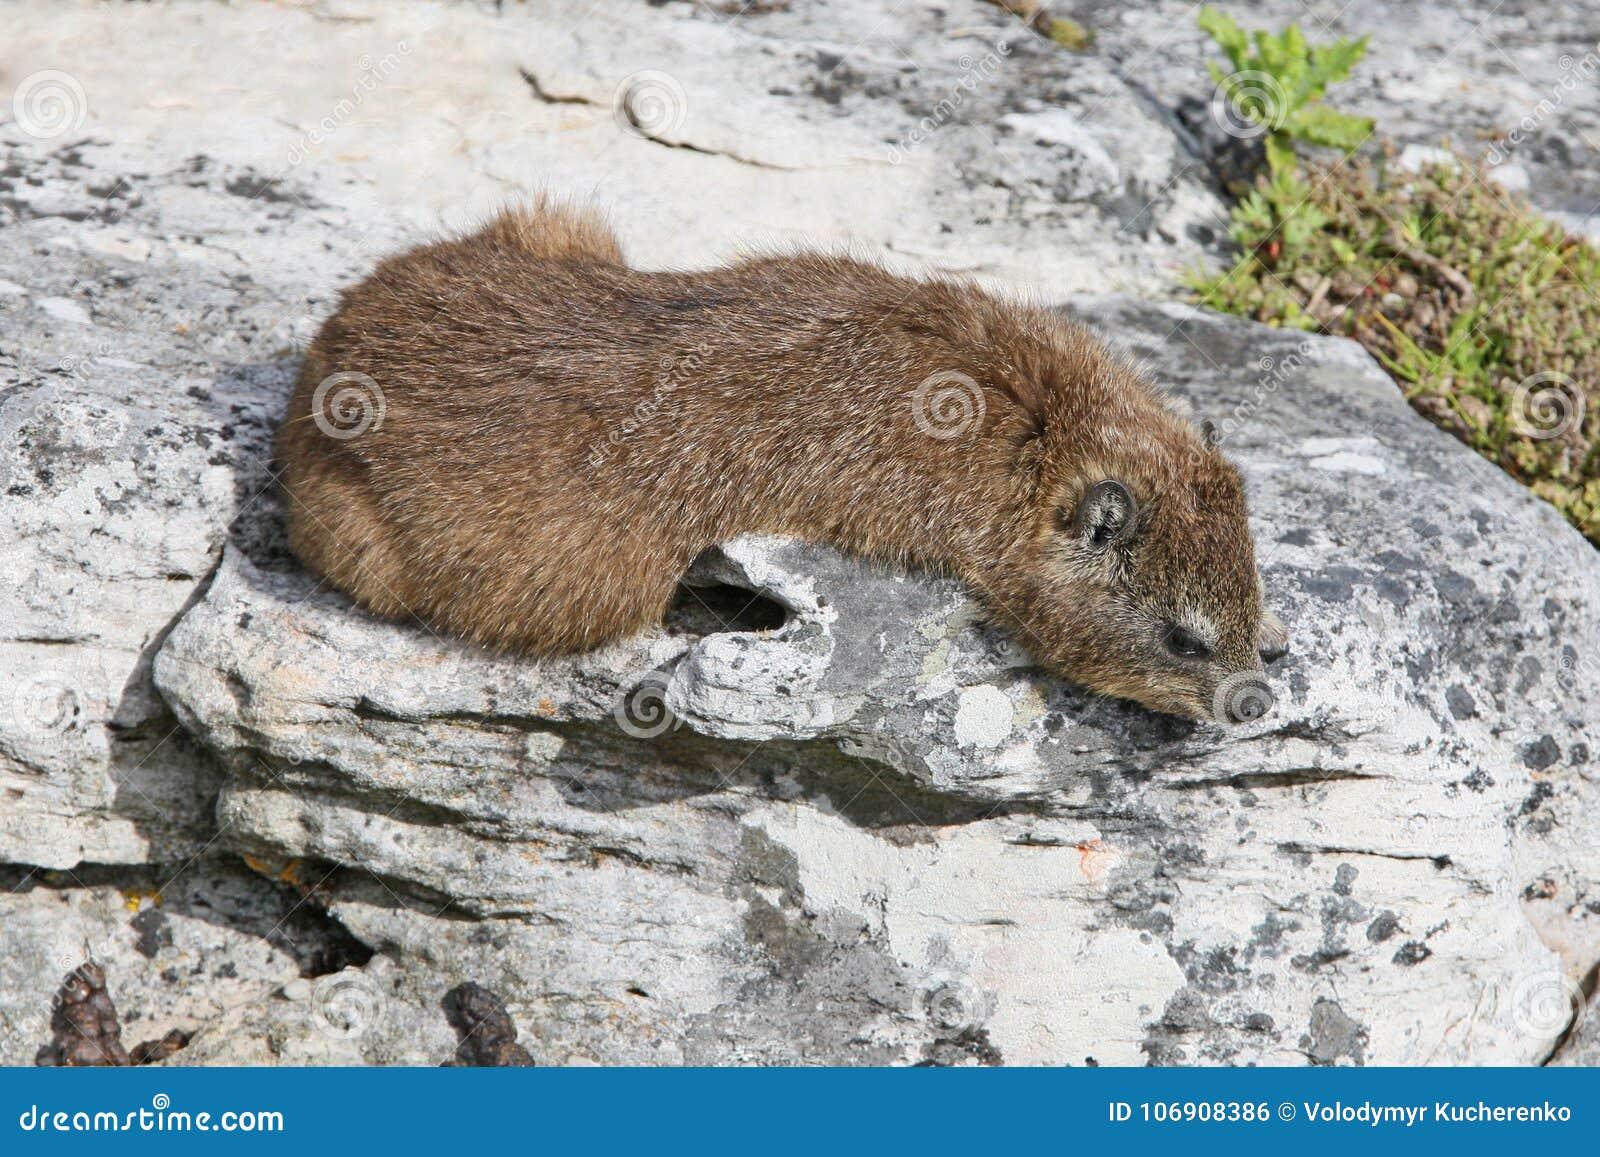 Rockowego góralka Procavia capensis